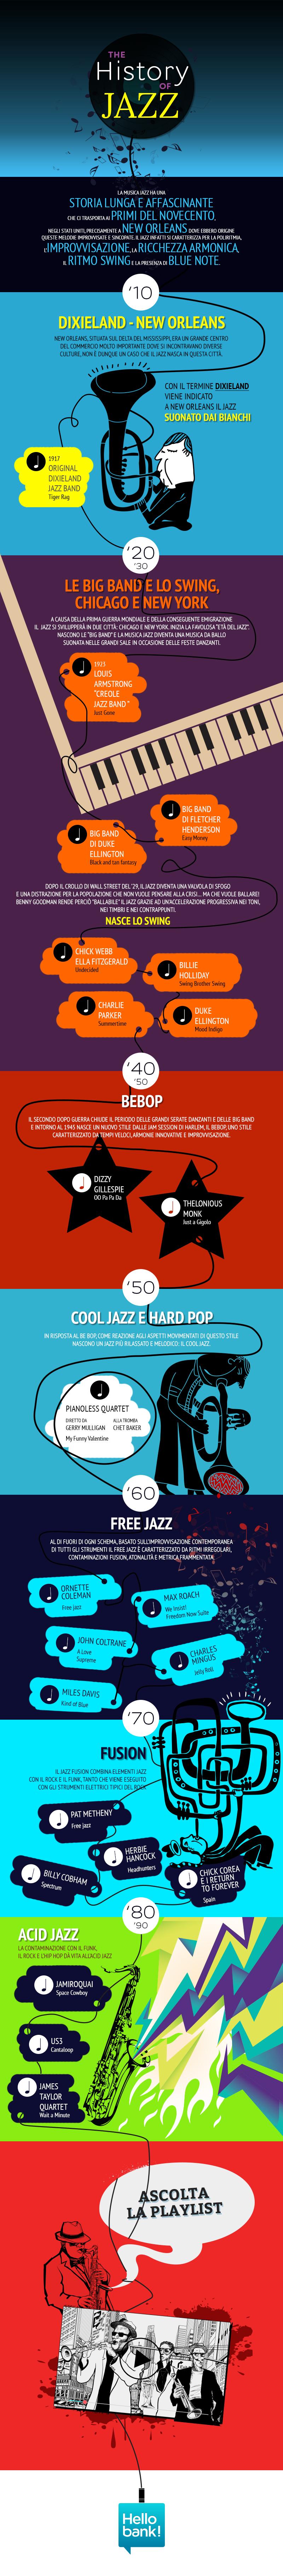 Storia del Jazz infografica